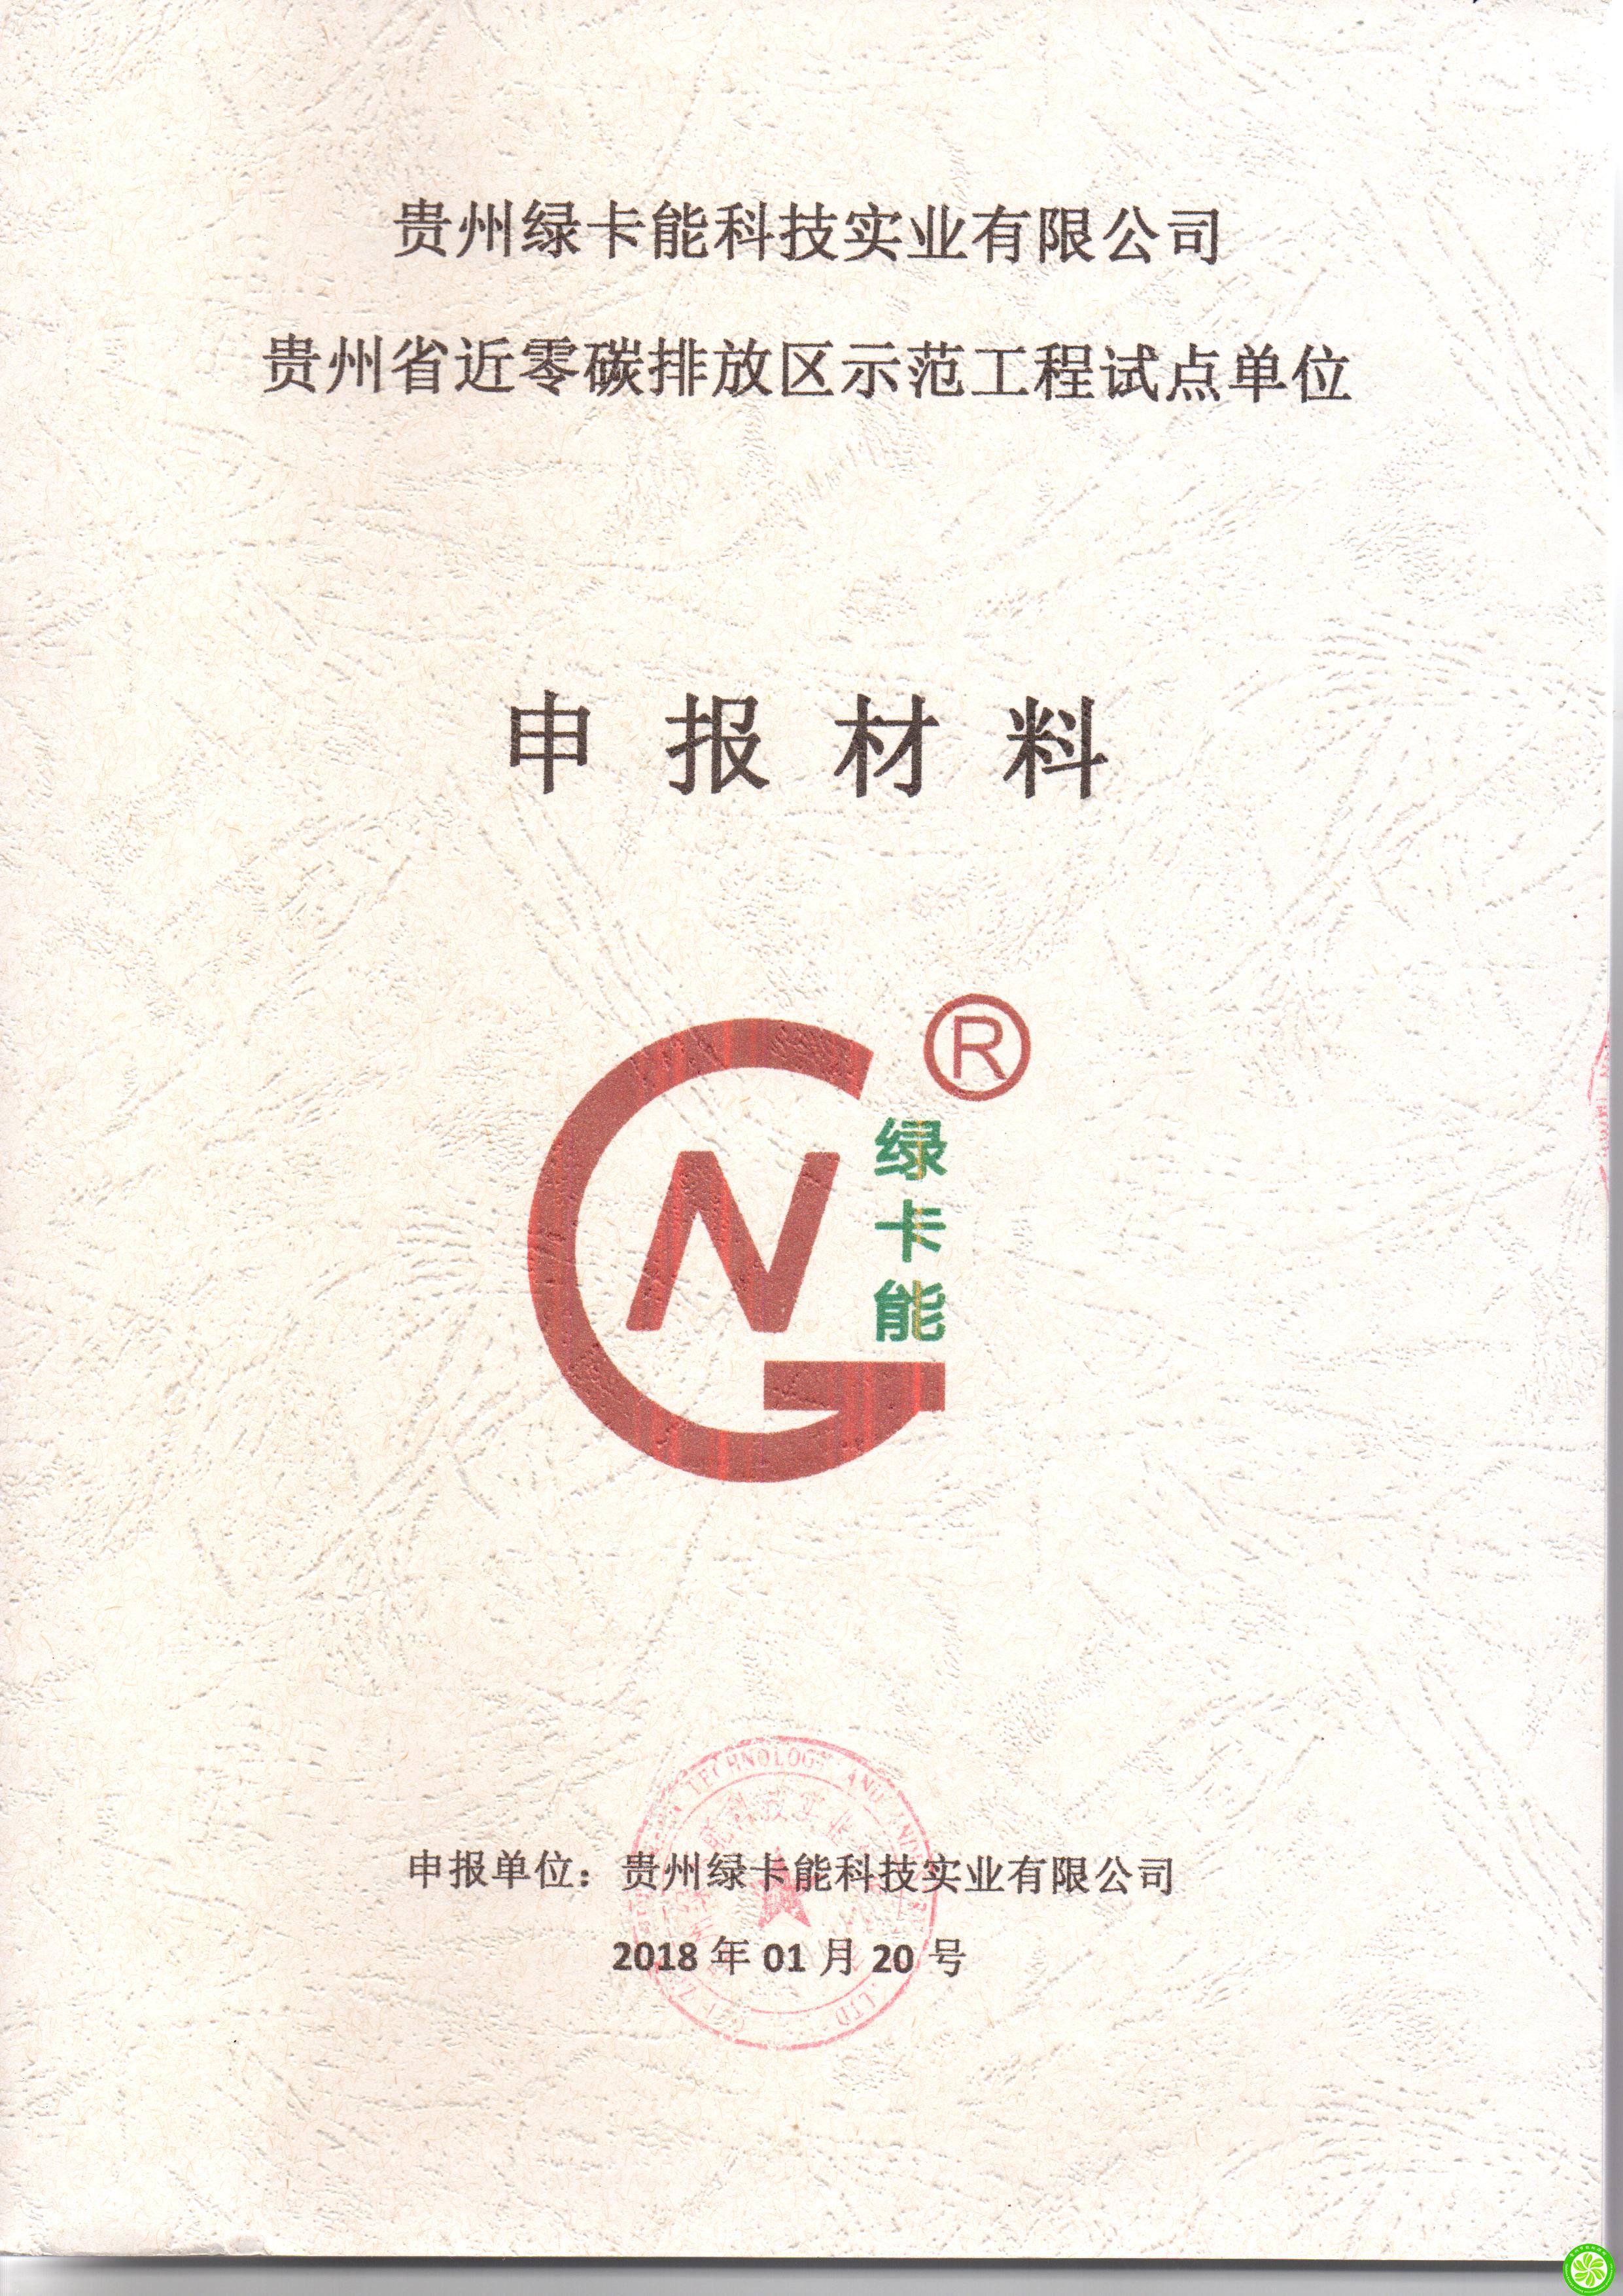 贵州绿卡能科技实业有限公司贵州省近零碳排放区示范工程试点单位申报